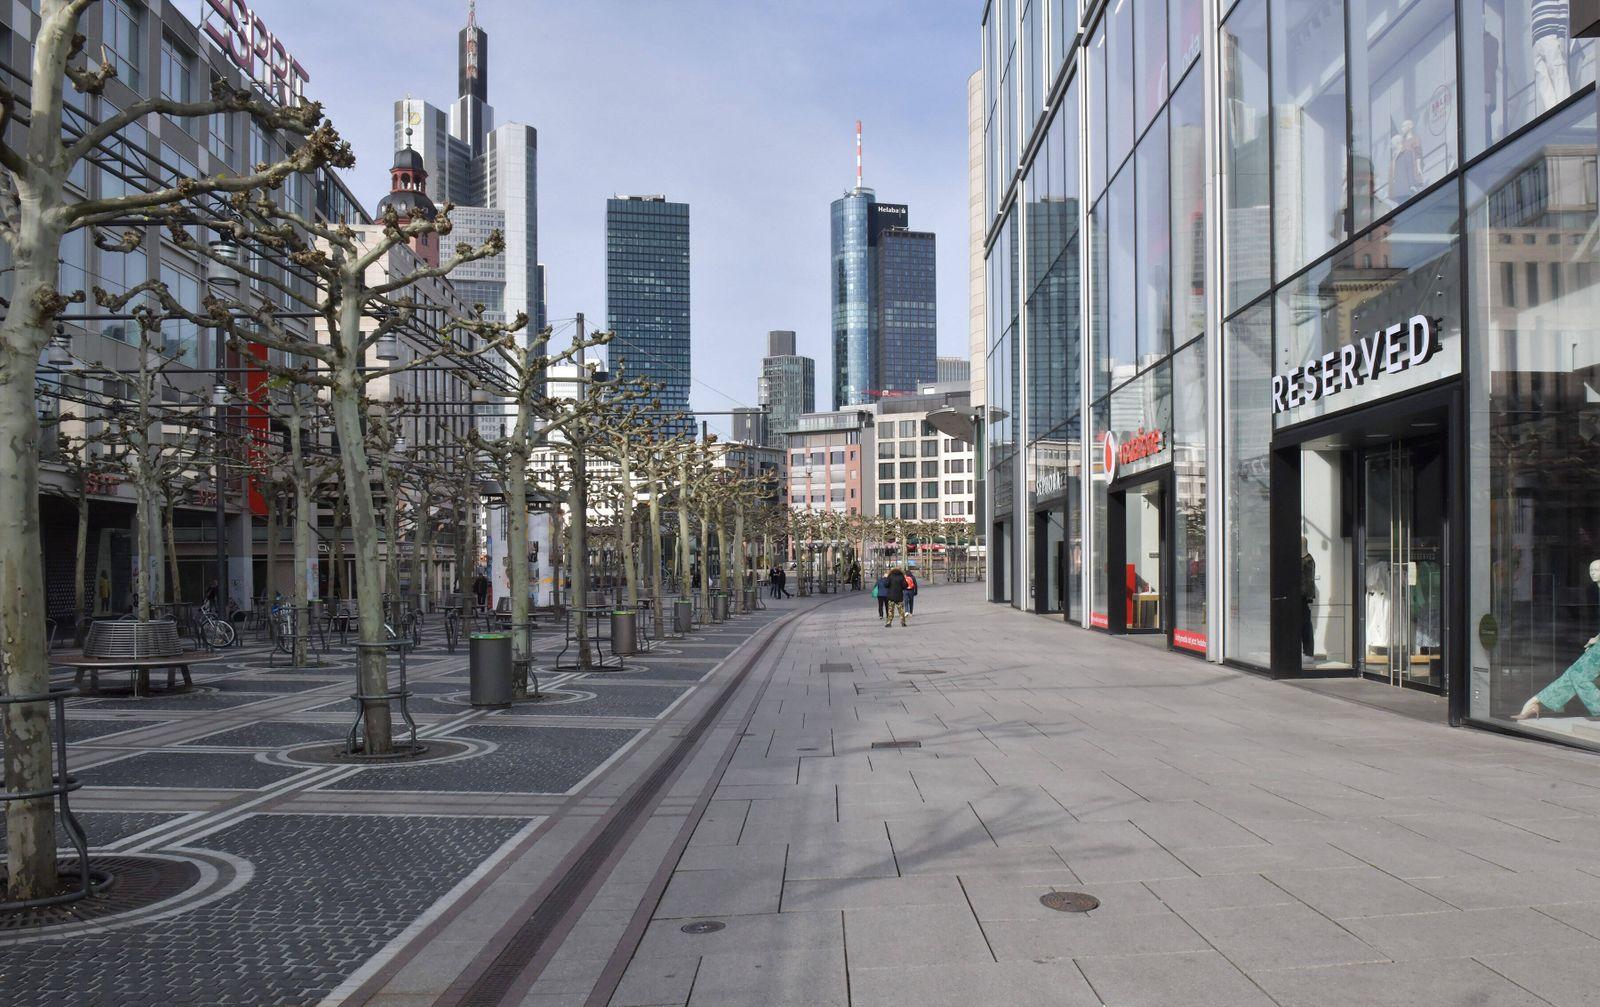 xblx, Frankfurter Zeil in Zeiten von Corona, emwirt Frankfurt am Main *** xblx, Frankfurter Zeil in times of Corona, em